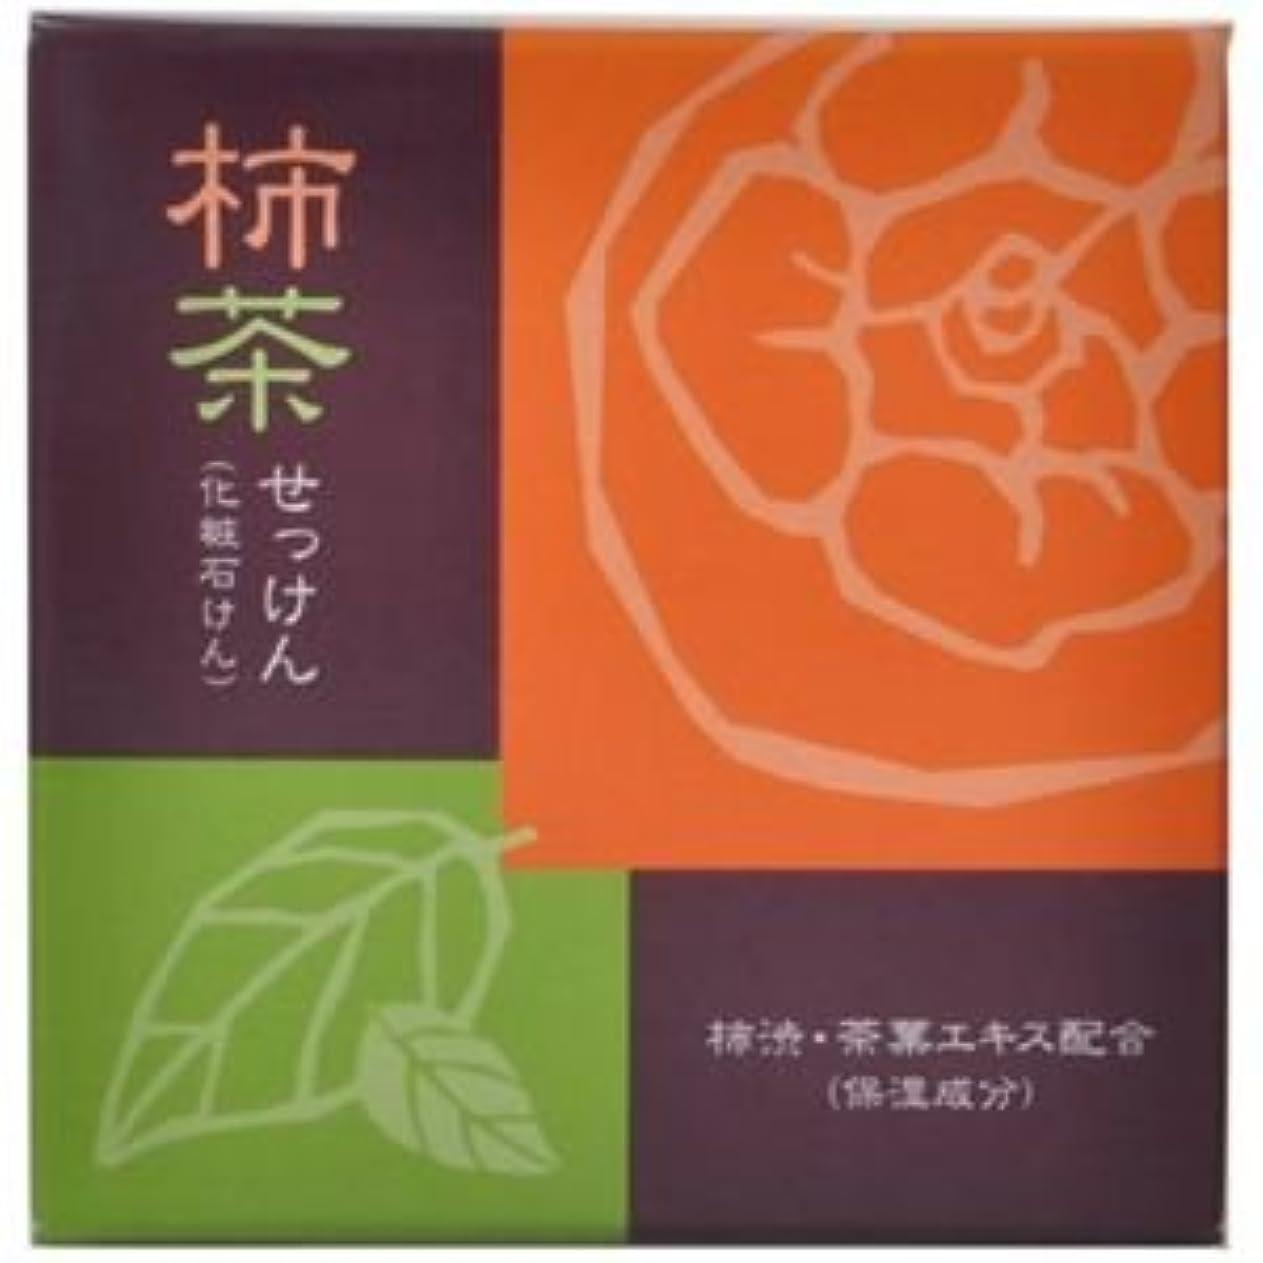 ぐったり損失ペンダント柿茶石けん 80g 【3セット】